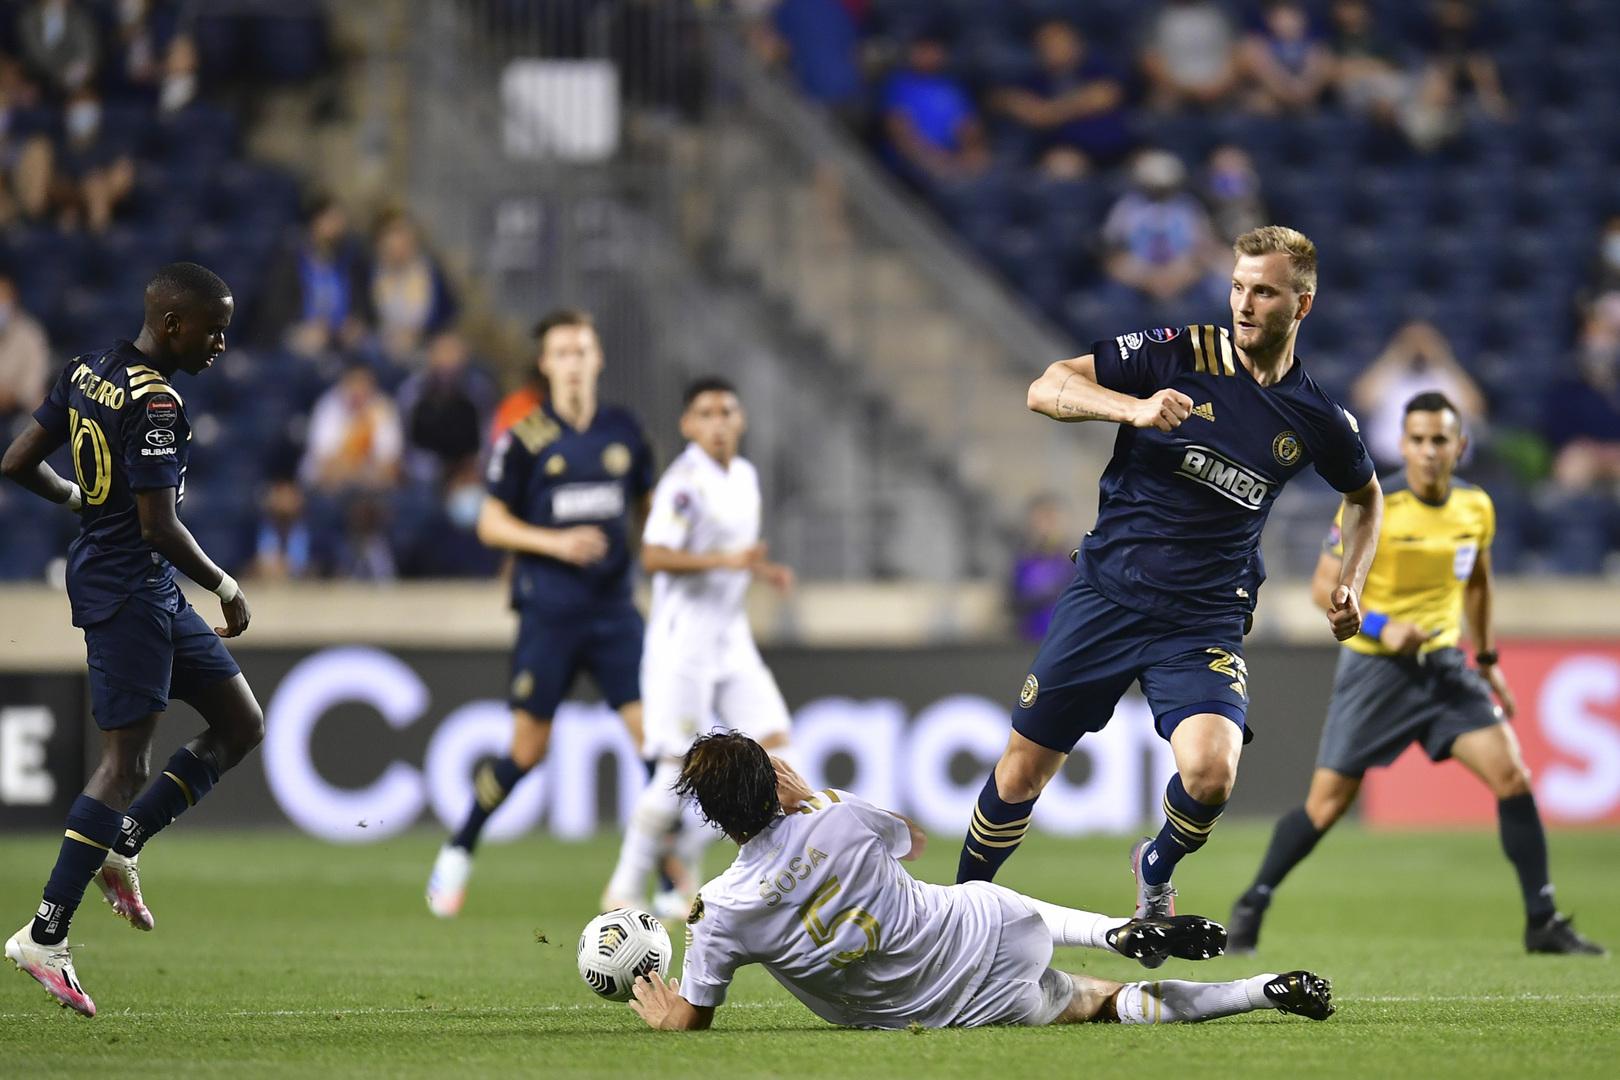 Philadelphia Union clasificó a semifinales de la Liga de Campeones de Concacaf.